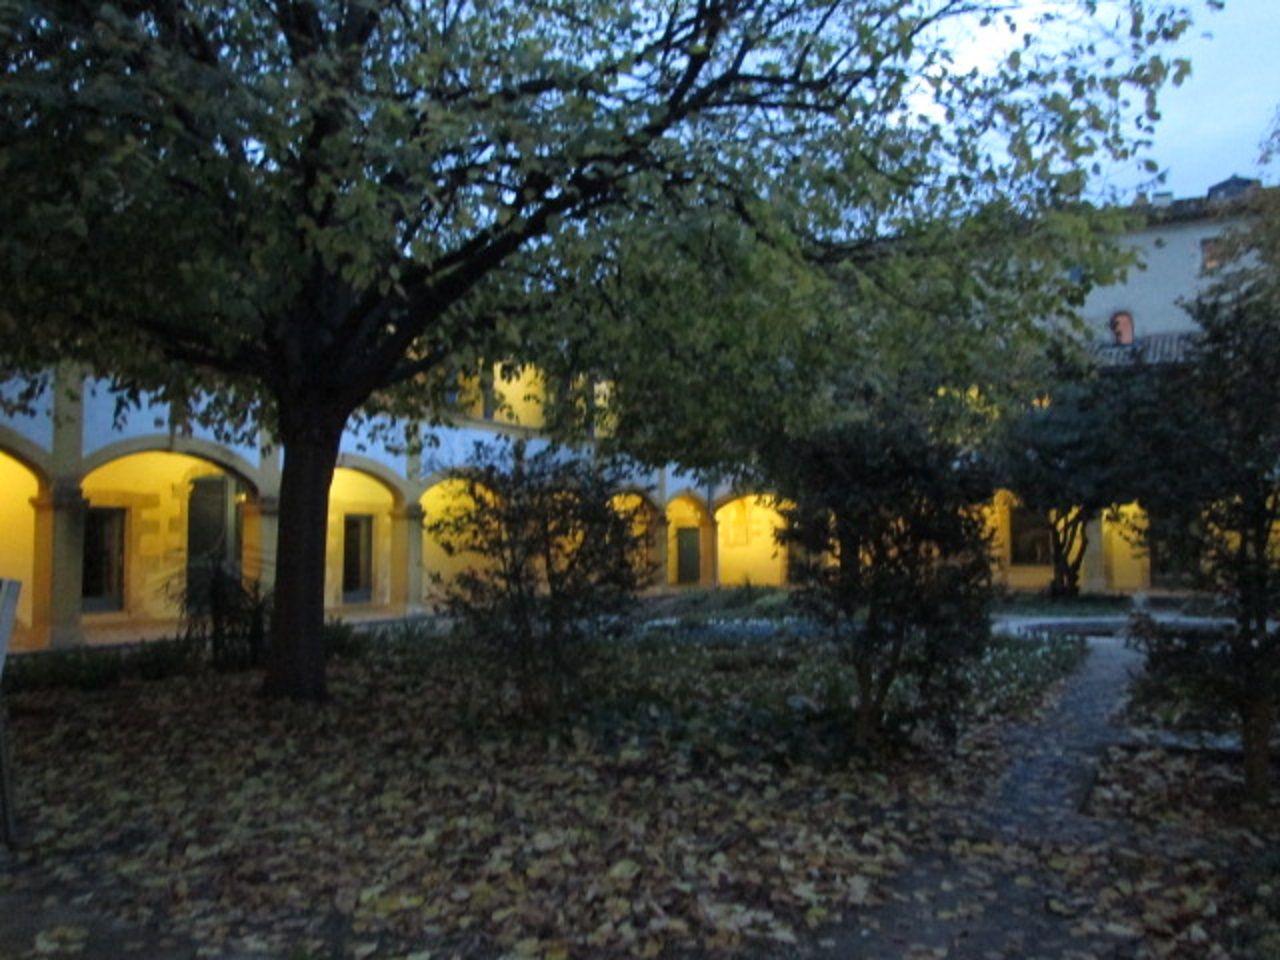 ゴッホが収容された病院「アルル市立病院」